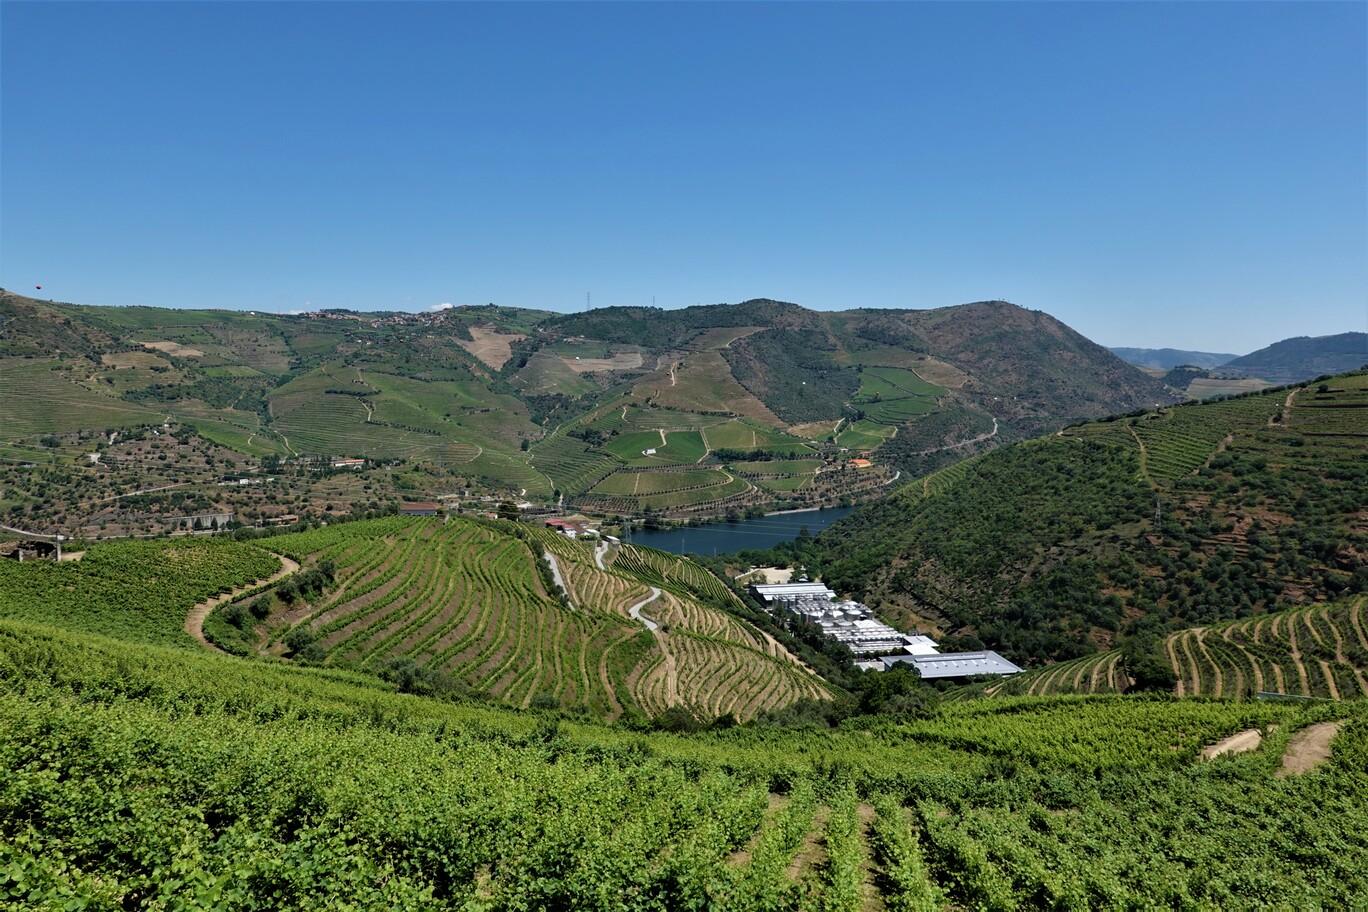 Vinice v okolí řeky Douro